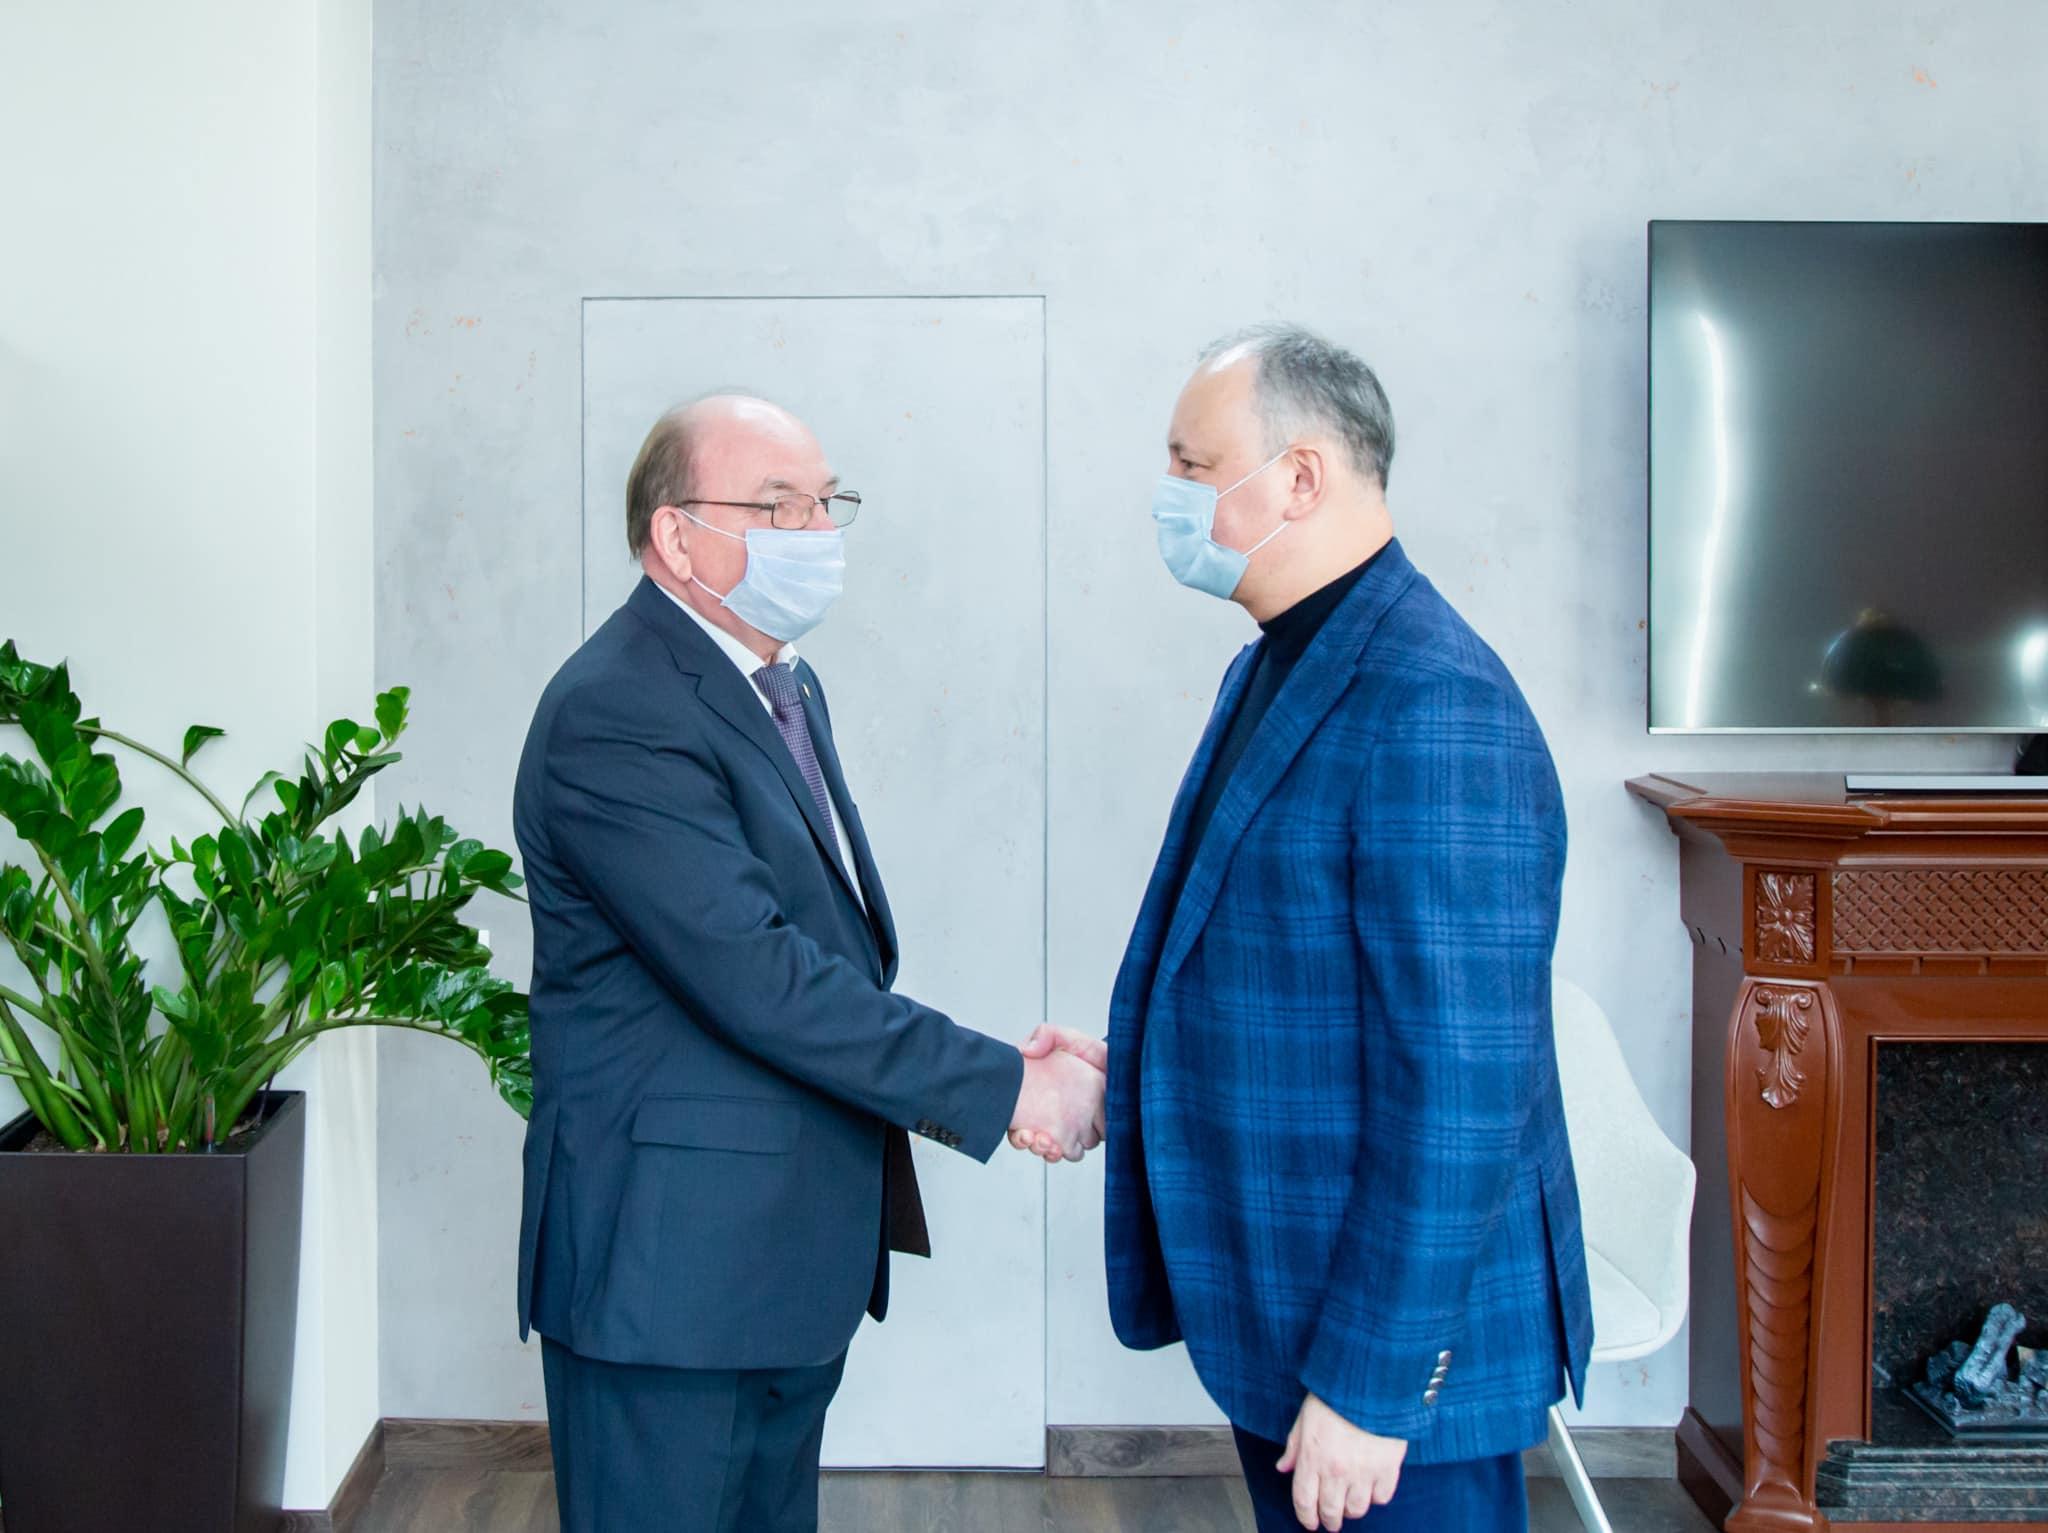 Додон обозначил три приоритетных вопроса в повестке отношений с Россией (ФОТО, ВИДЕО)